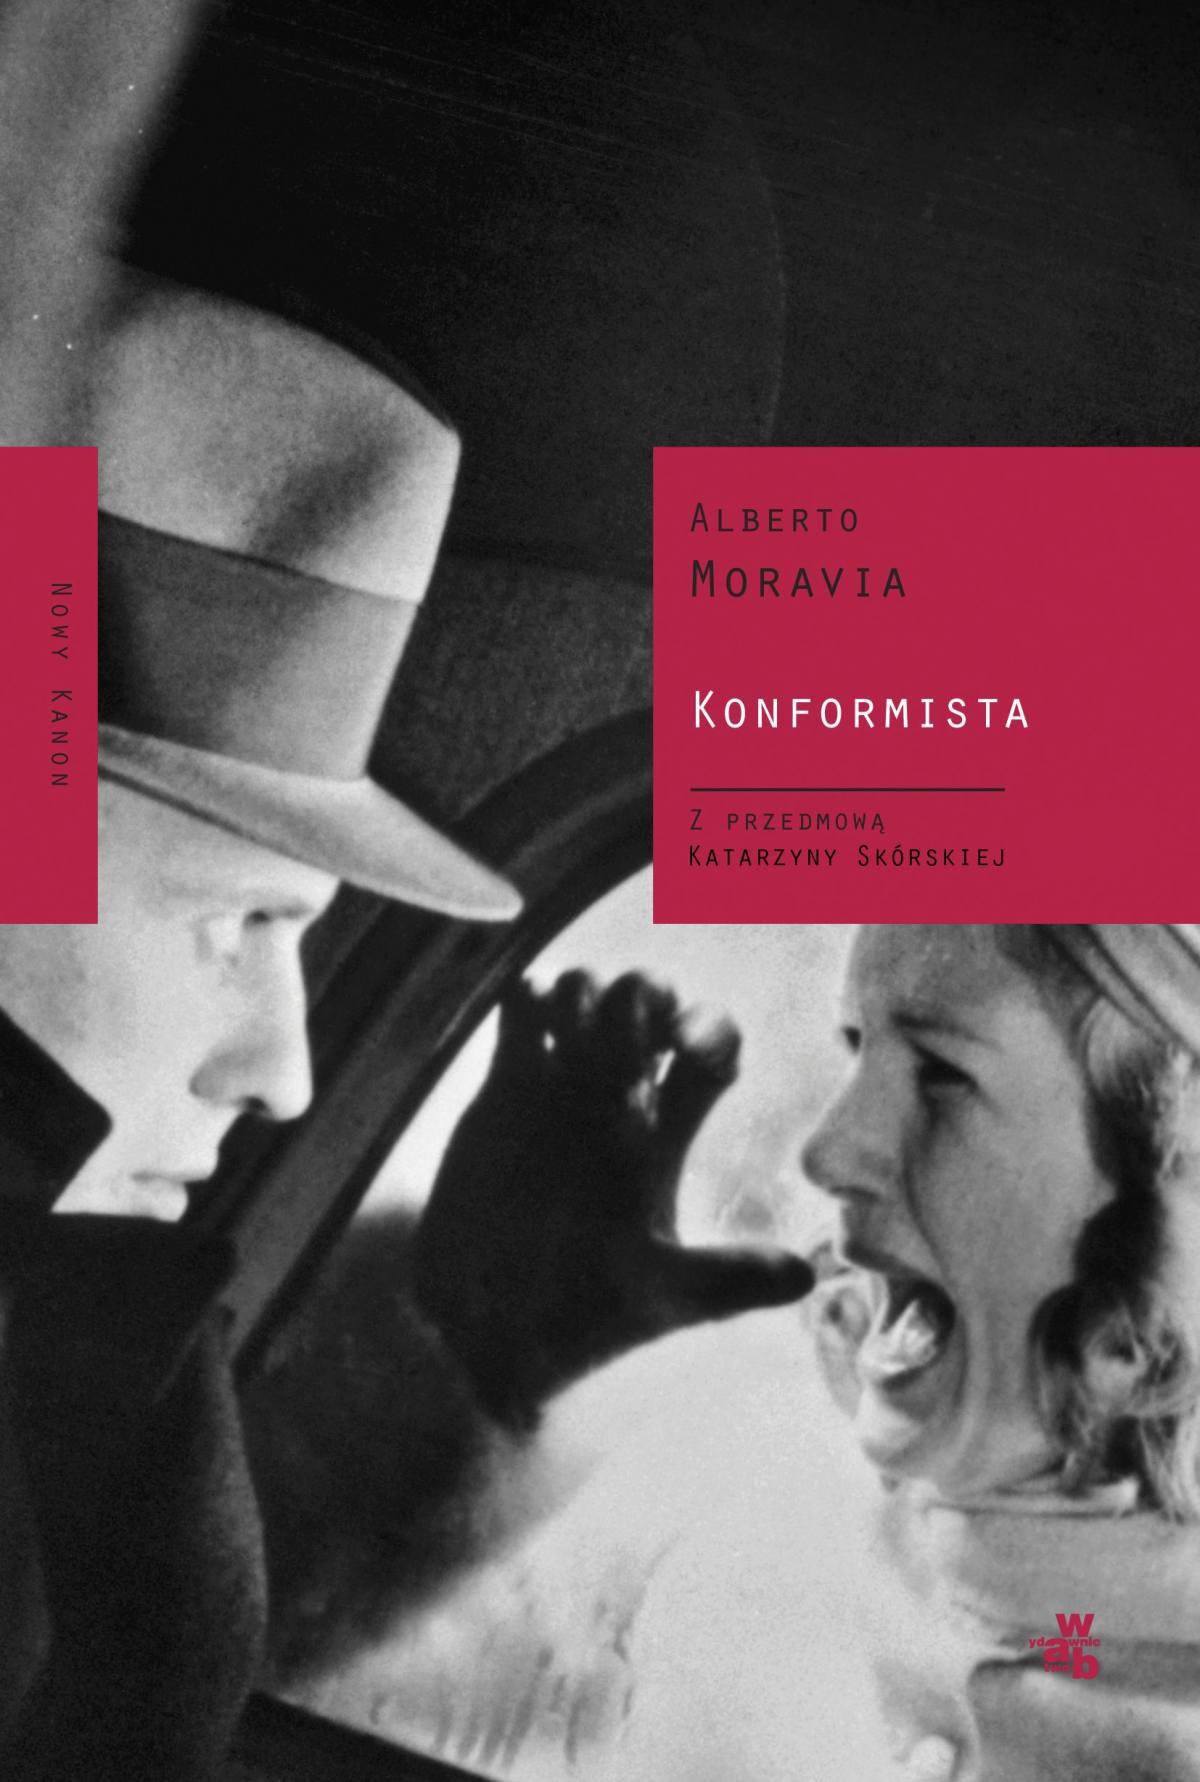 Konformista - Alberto Moravia